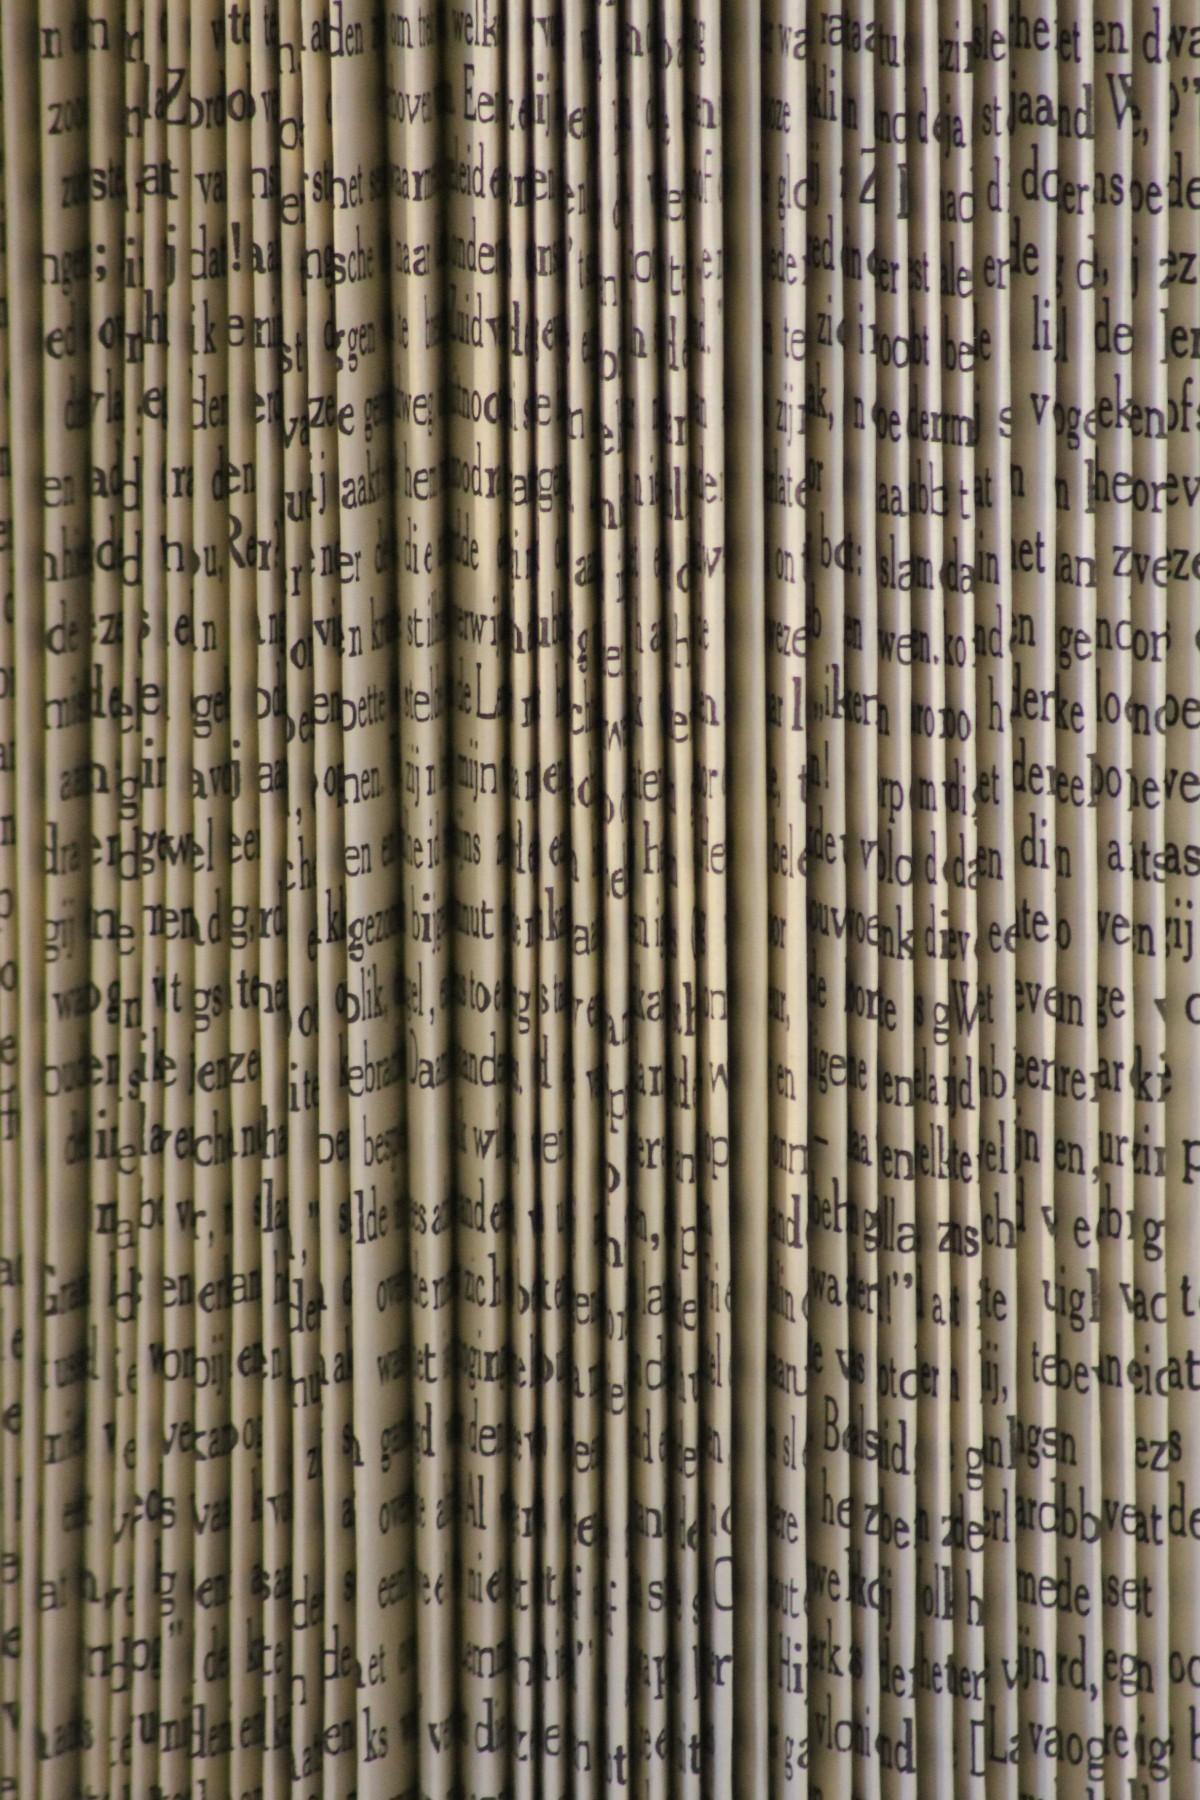 Images Gratuites  noir et blanc texture mur modle ligne rideau Monochrome Matriel en